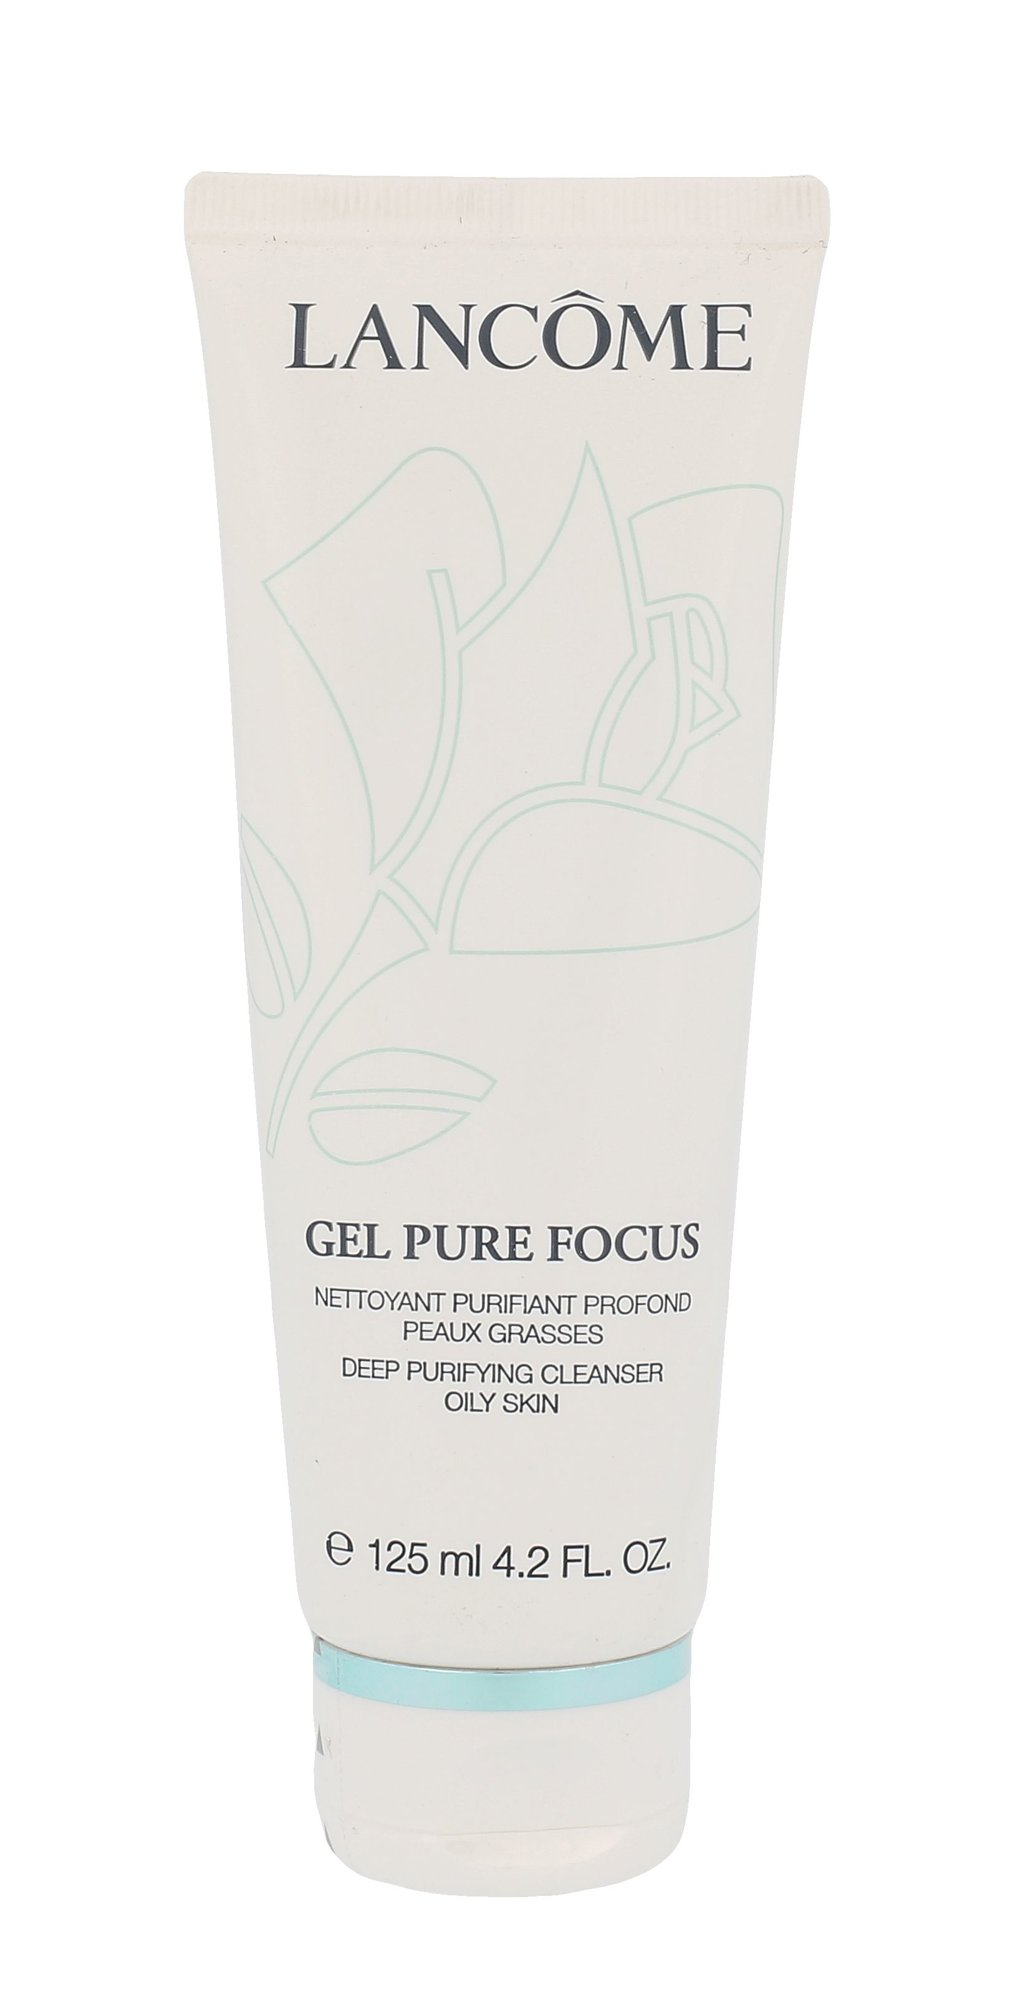 Lancôme Gel Pure Focus Cosmetic 125ml